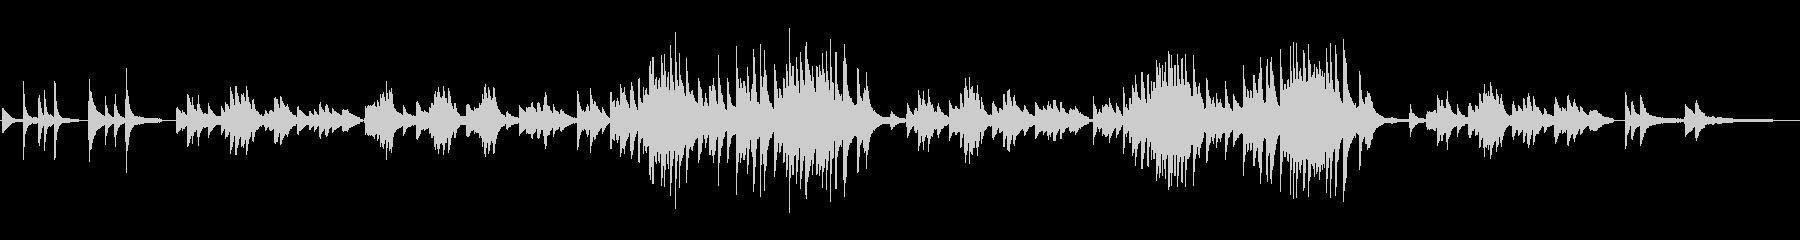 抒情小曲集より「メランコリ」の未再生の波形